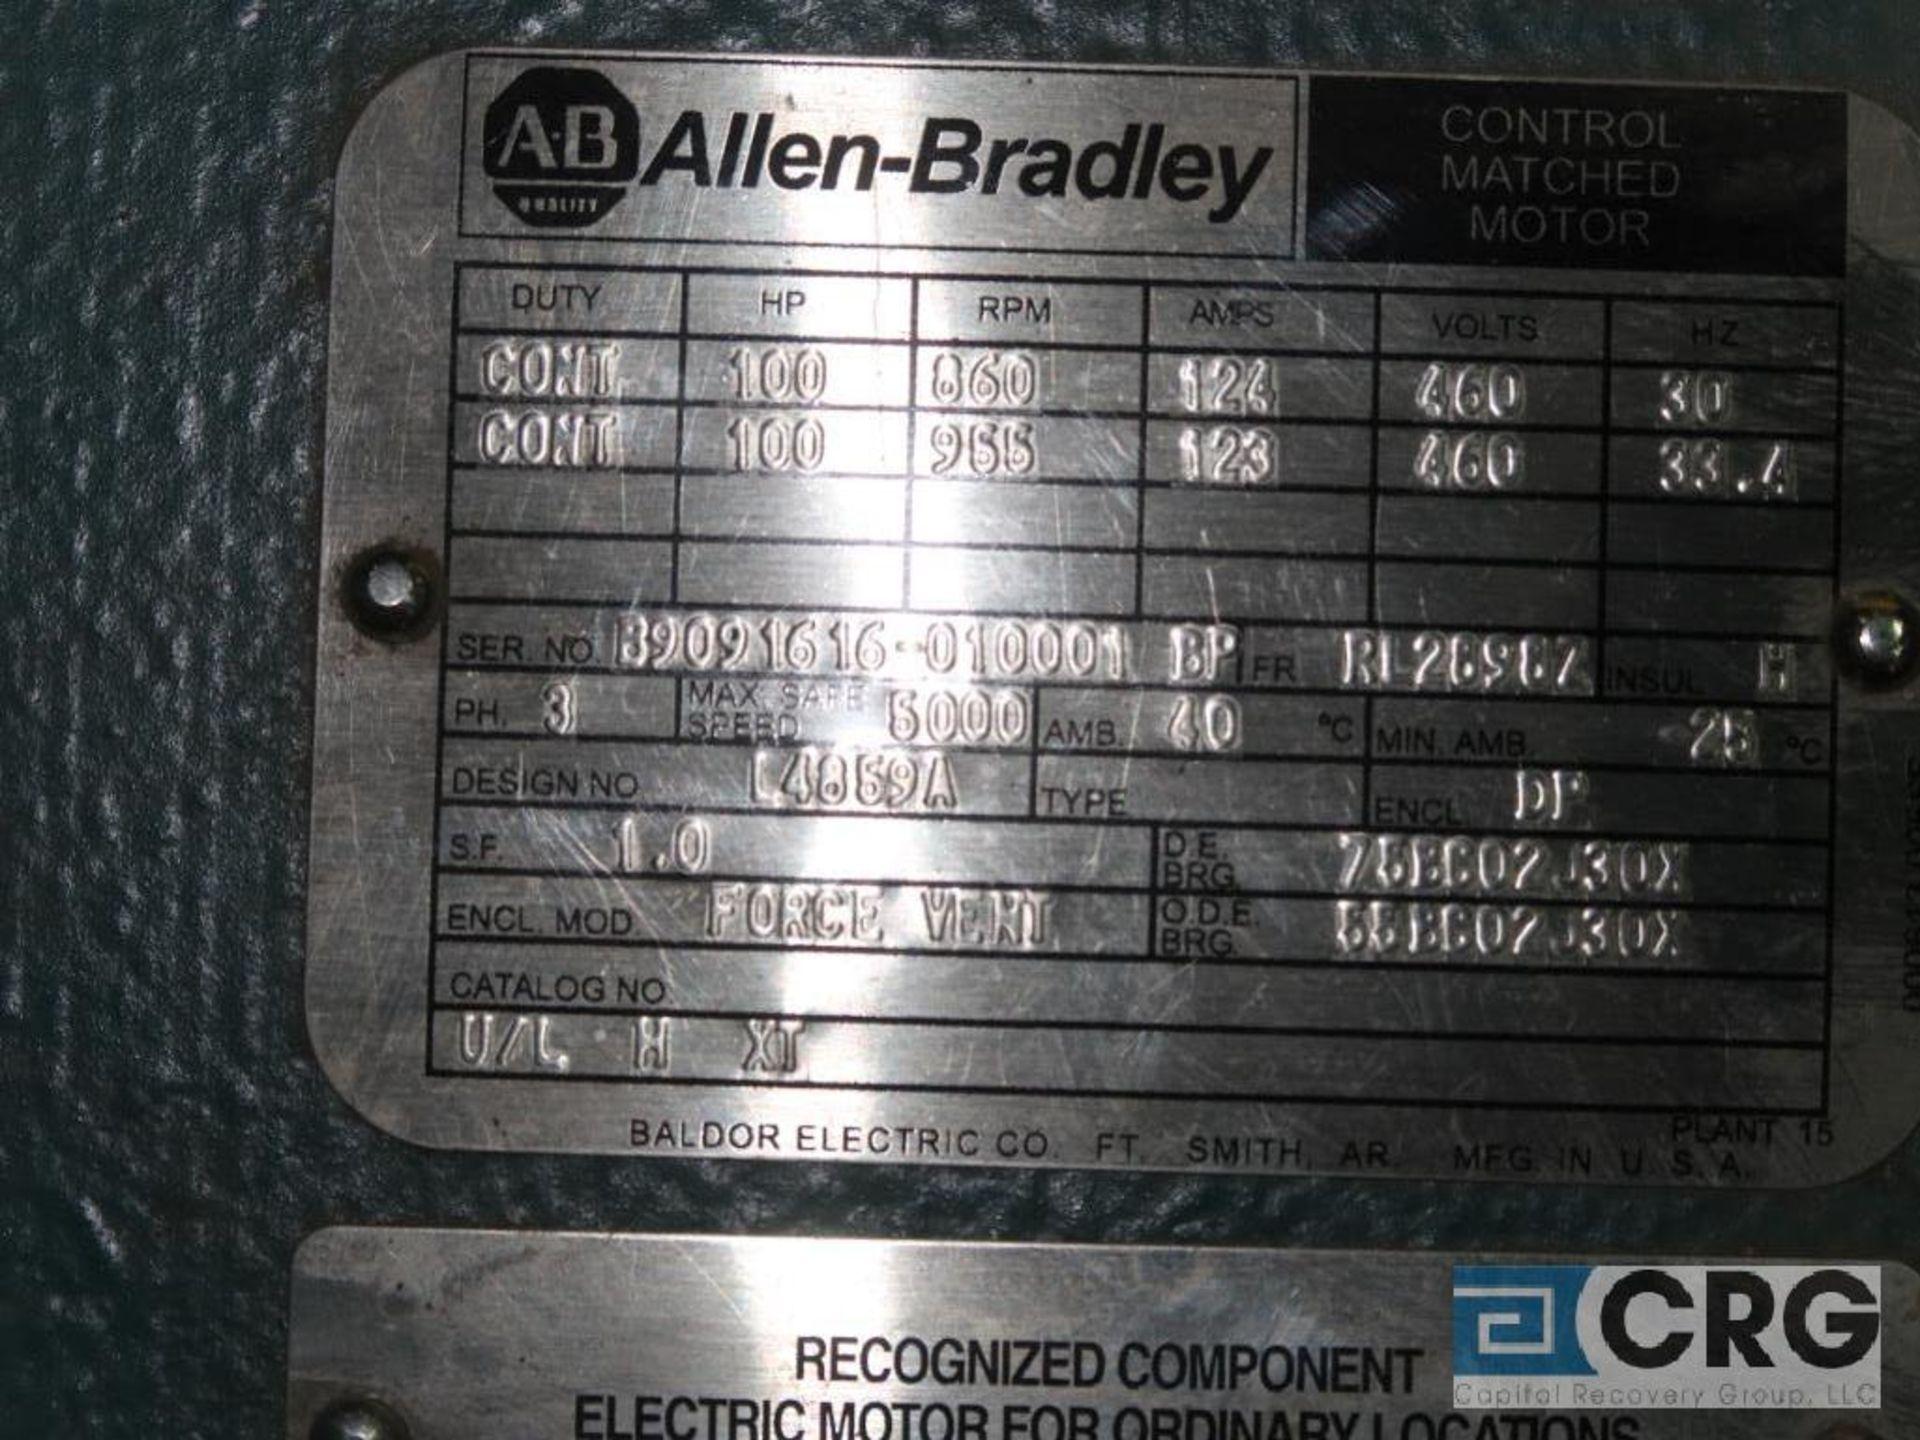 Allen Bradley Control Matched motor, 100 HP, 955 RPMs, 460 volt, 3 ph., RL2898Z frame (Finish - Image 2 of 2